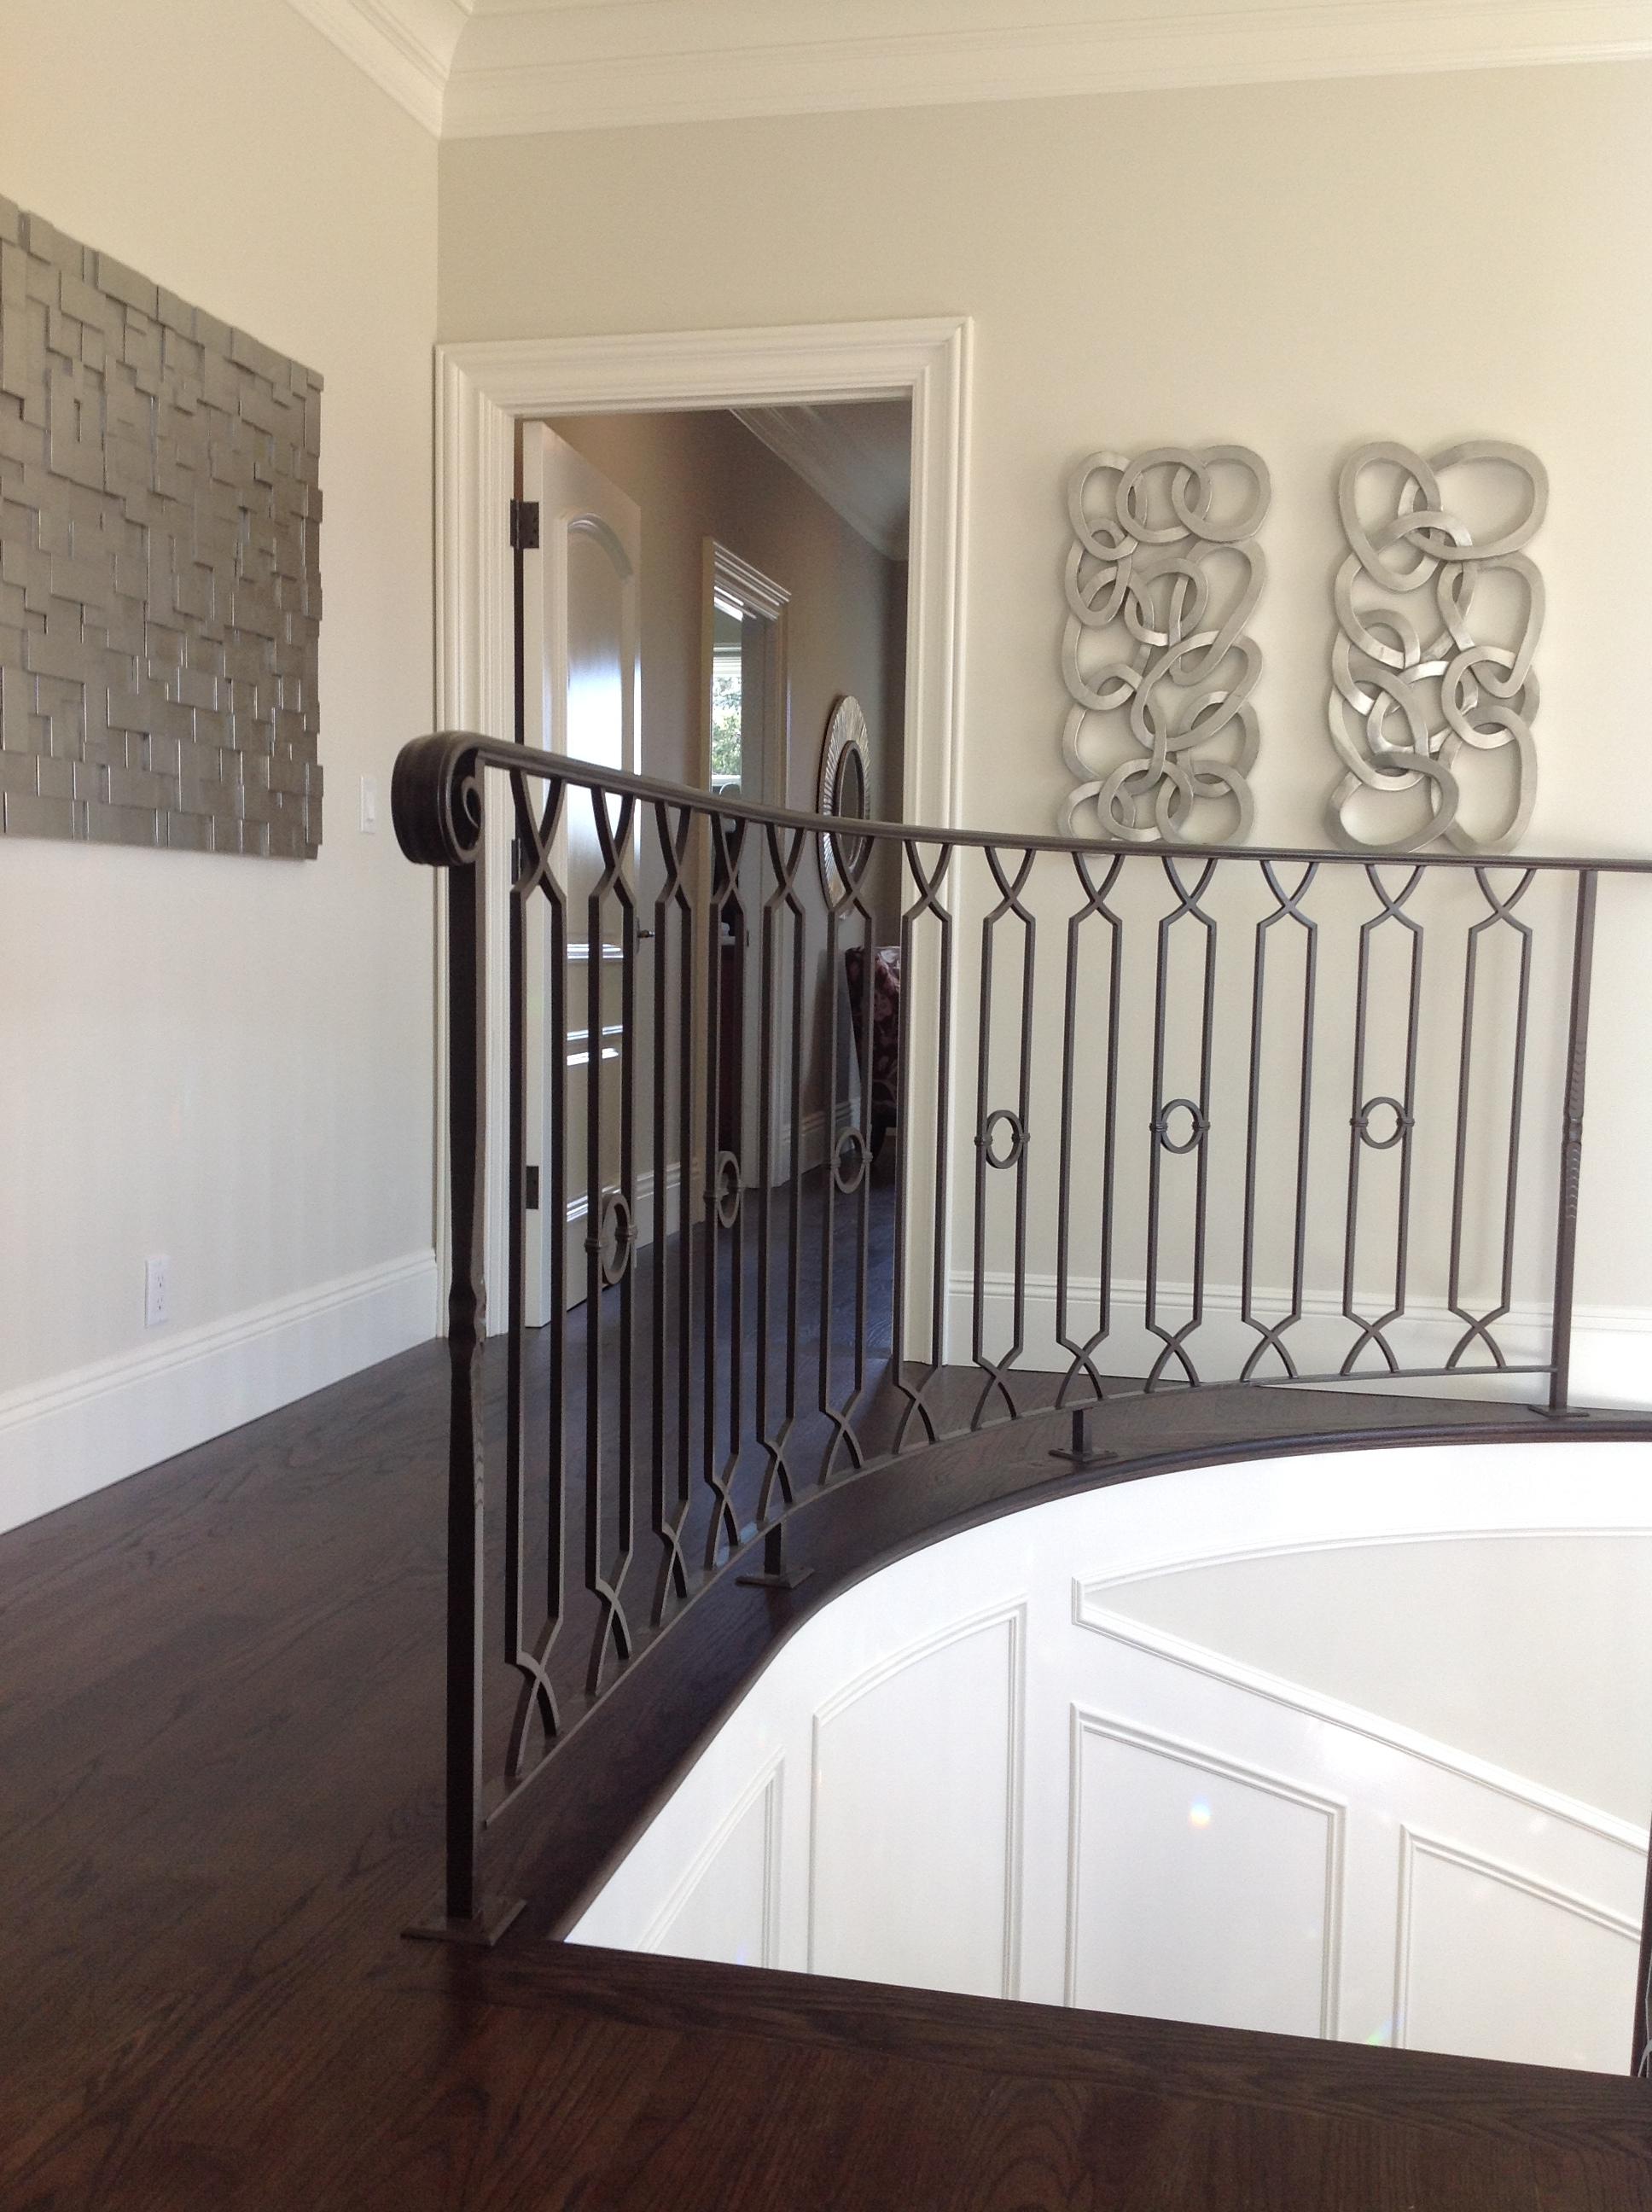 railing_inside